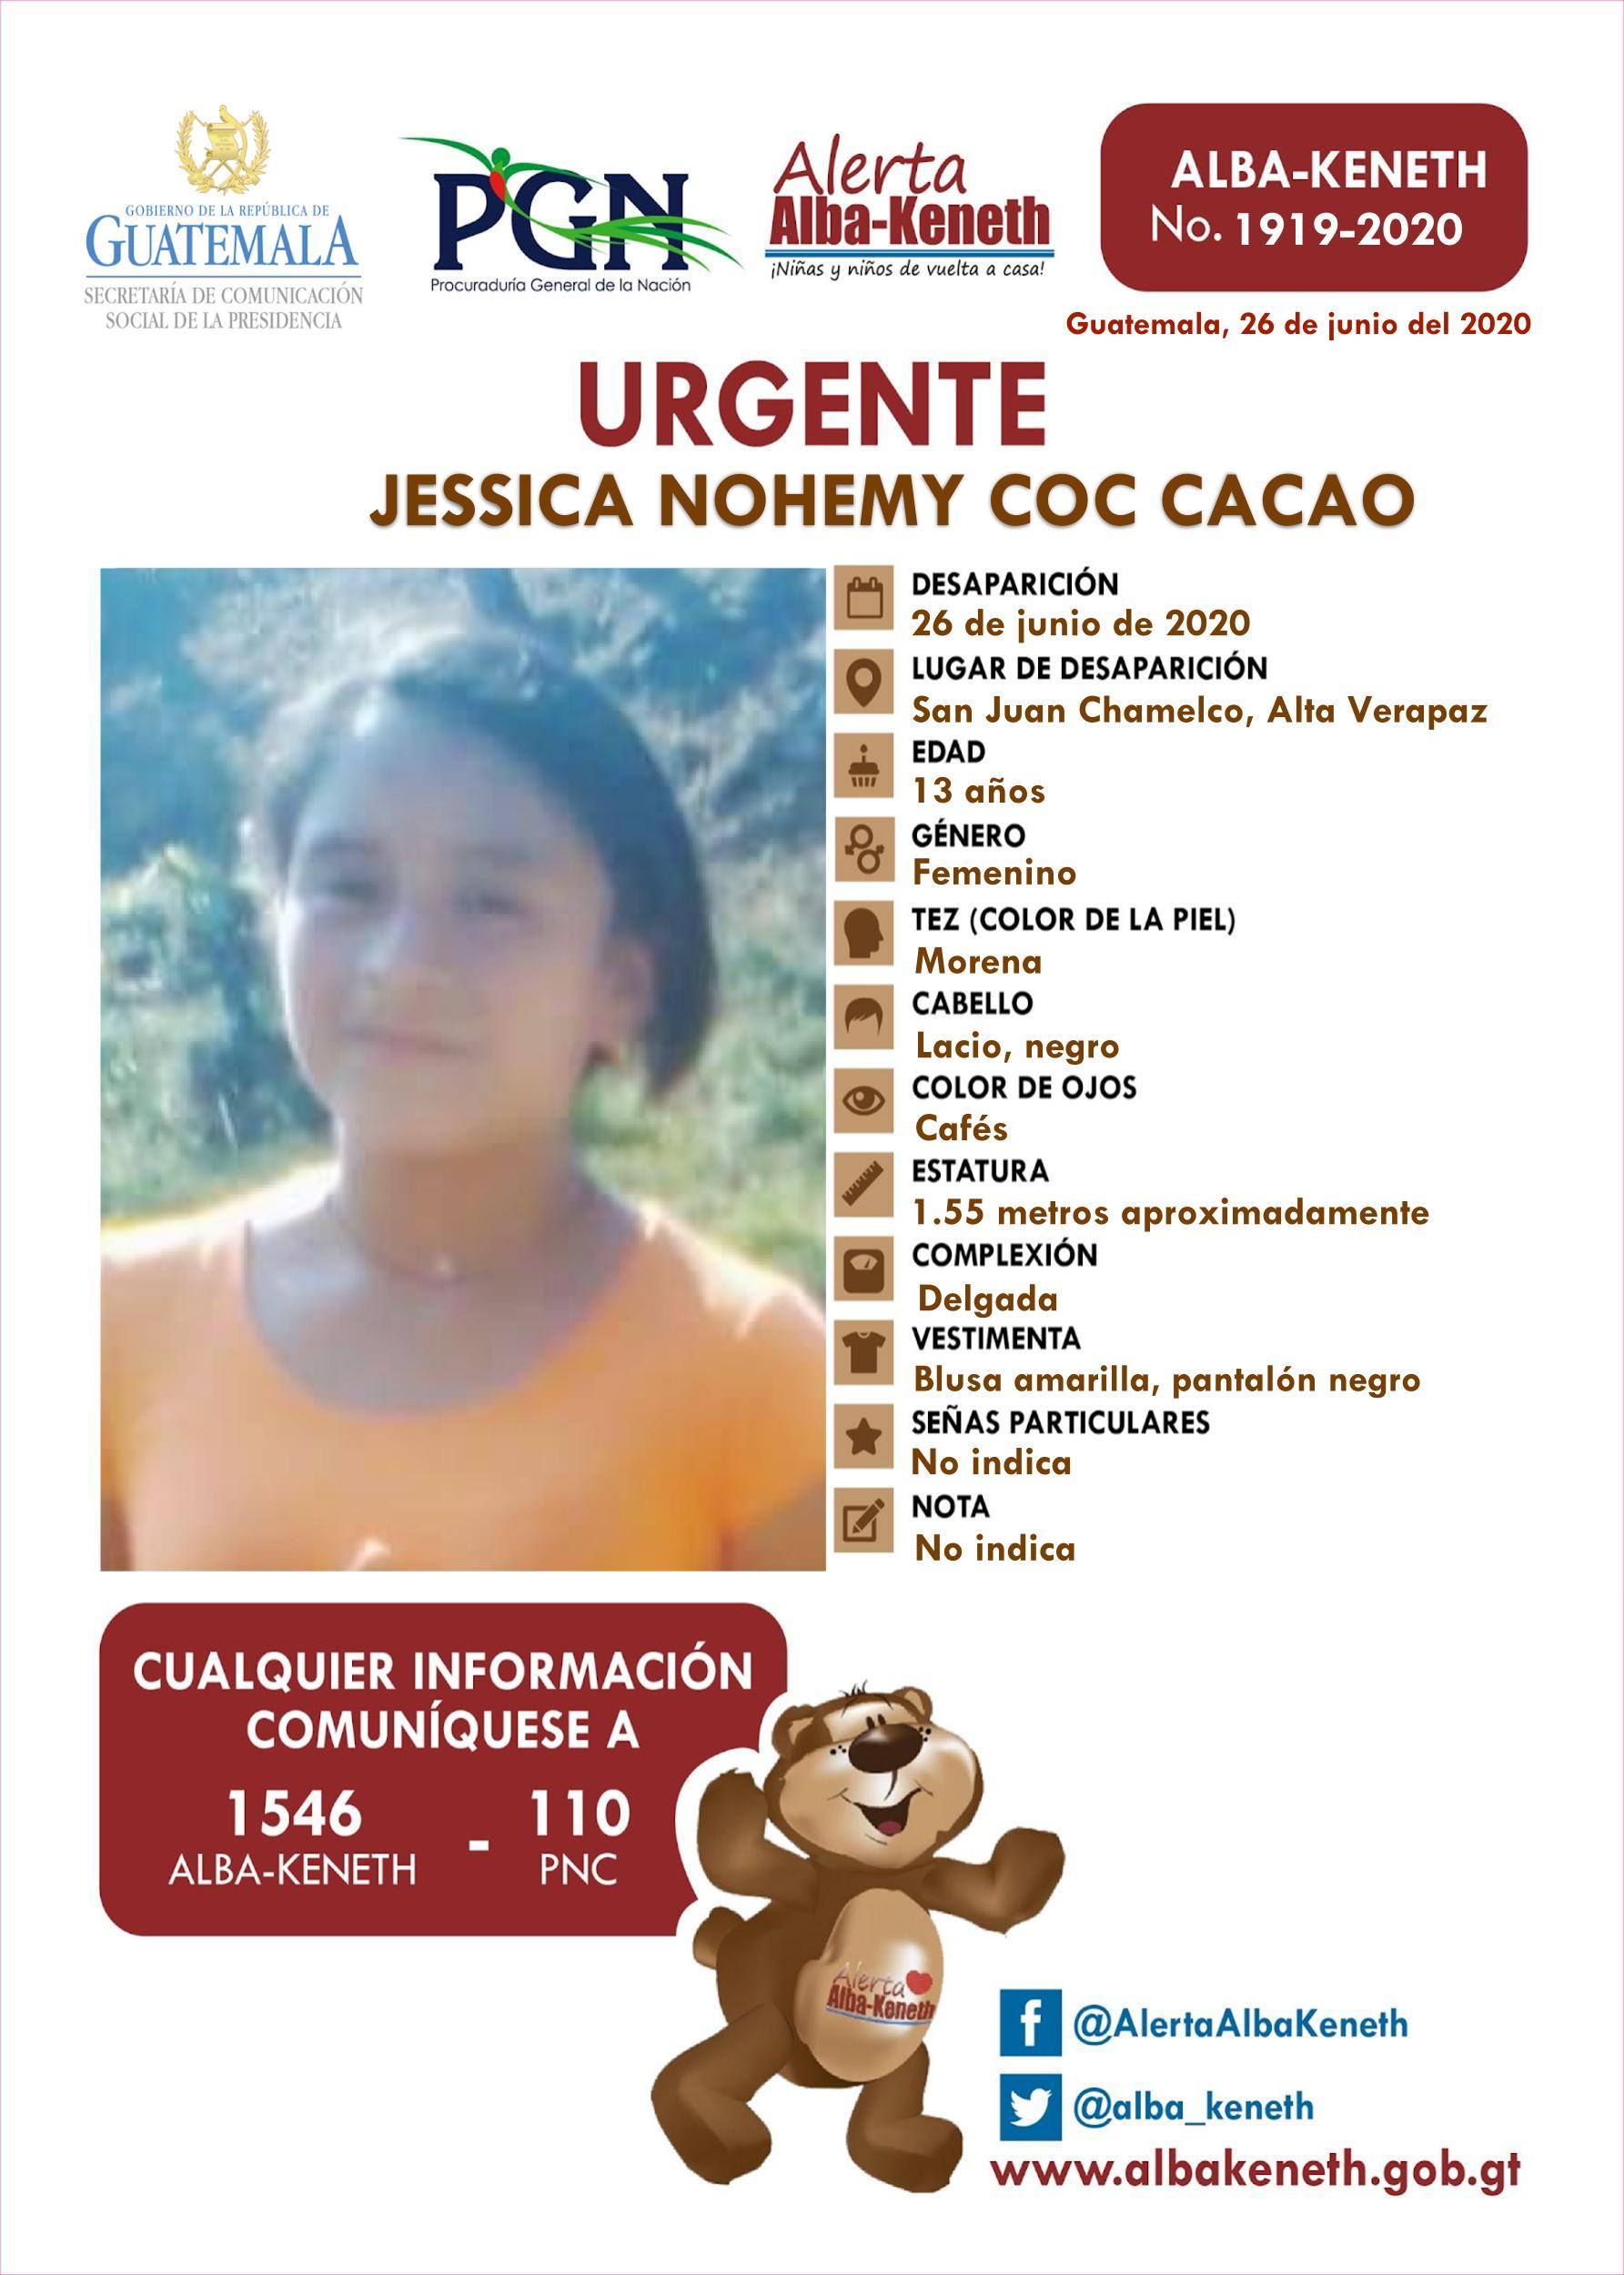 Jessica Nohemy Coc Cacao